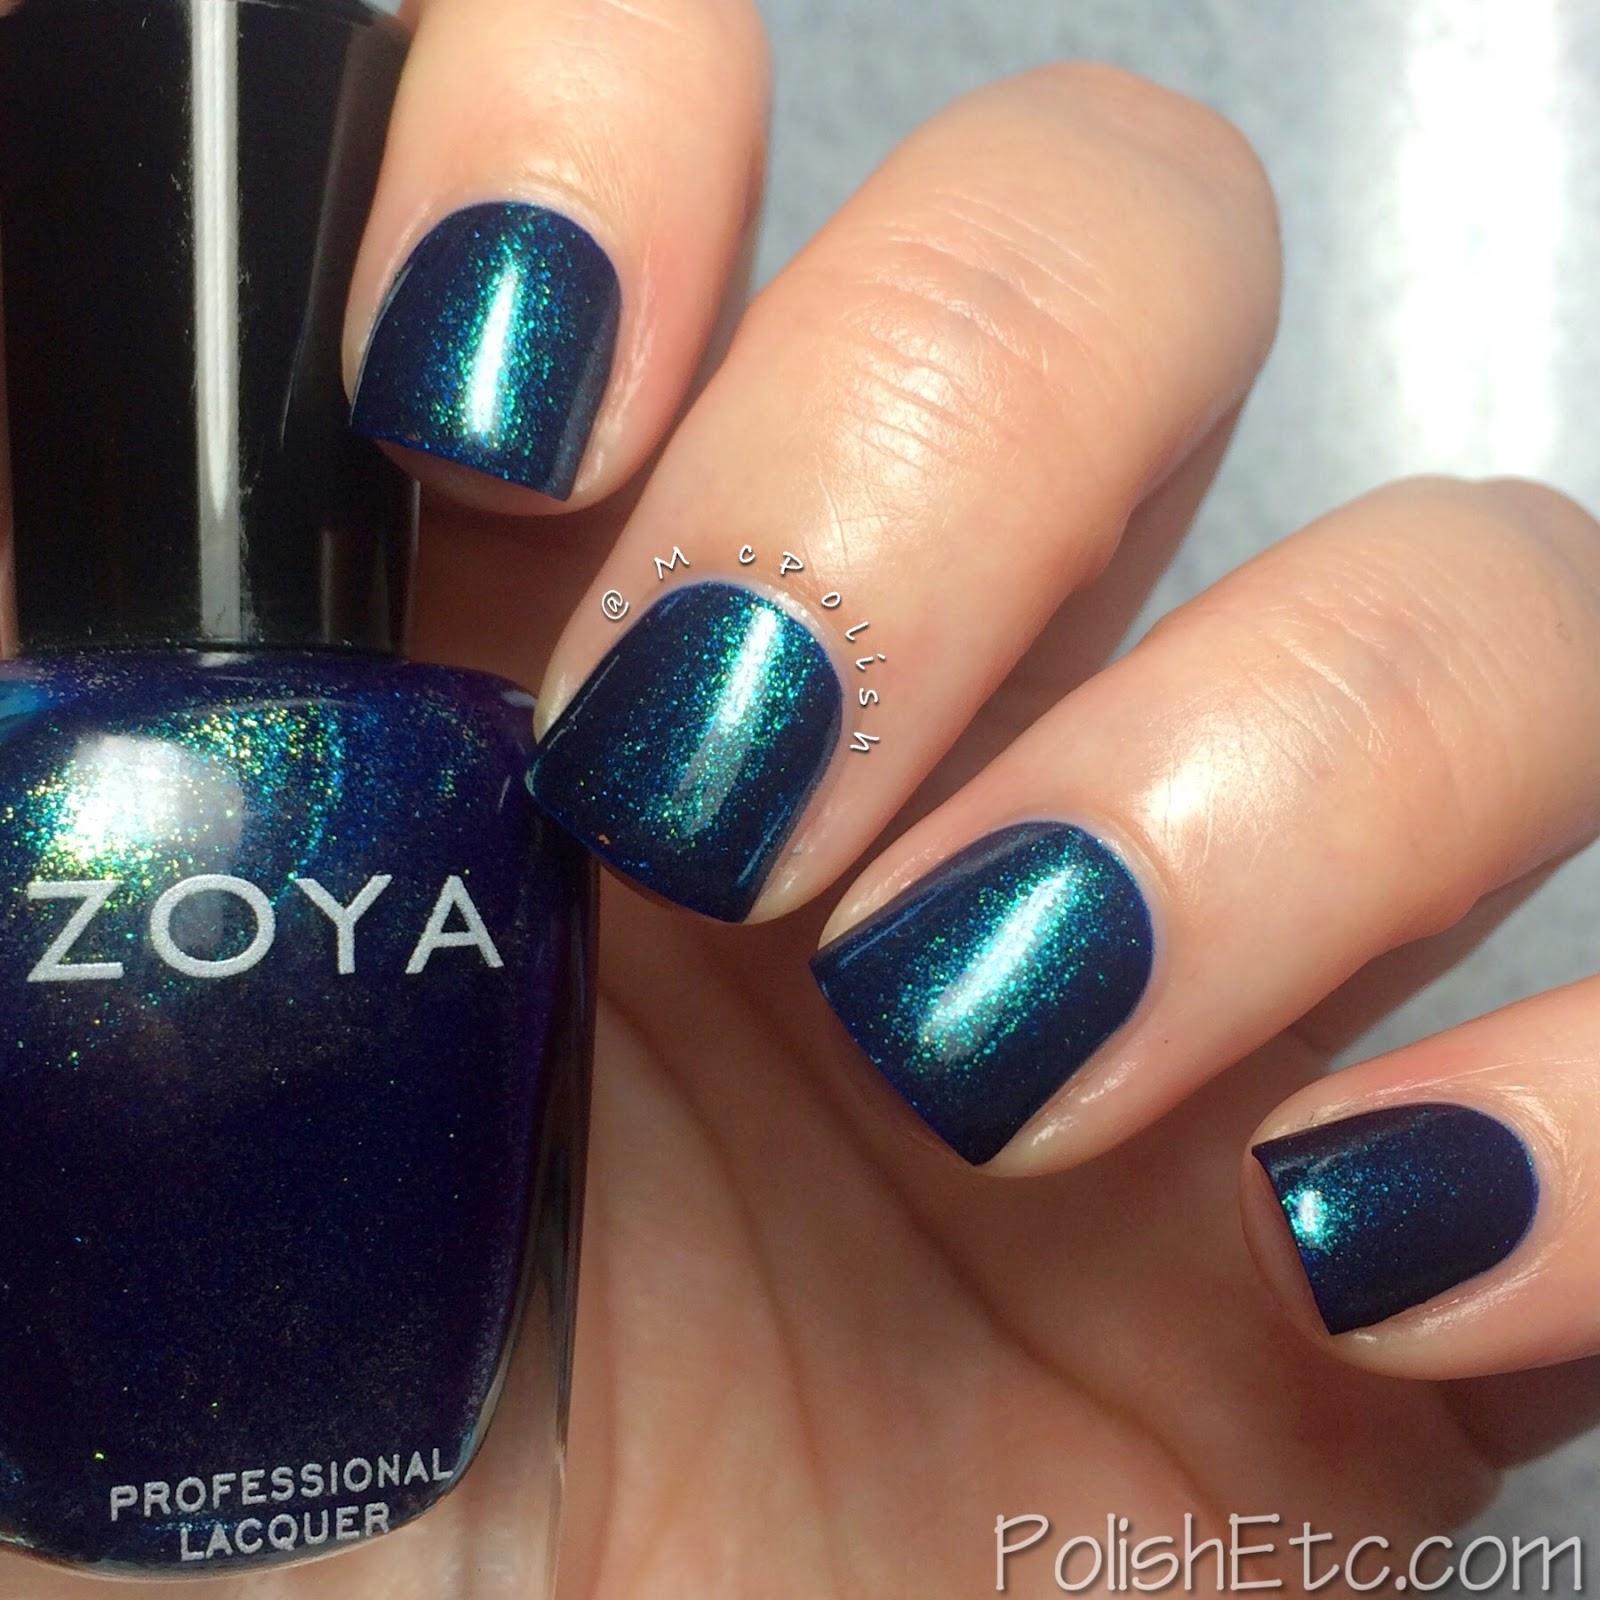 Zoya - Remy - Earth Day Exchange - McPolish